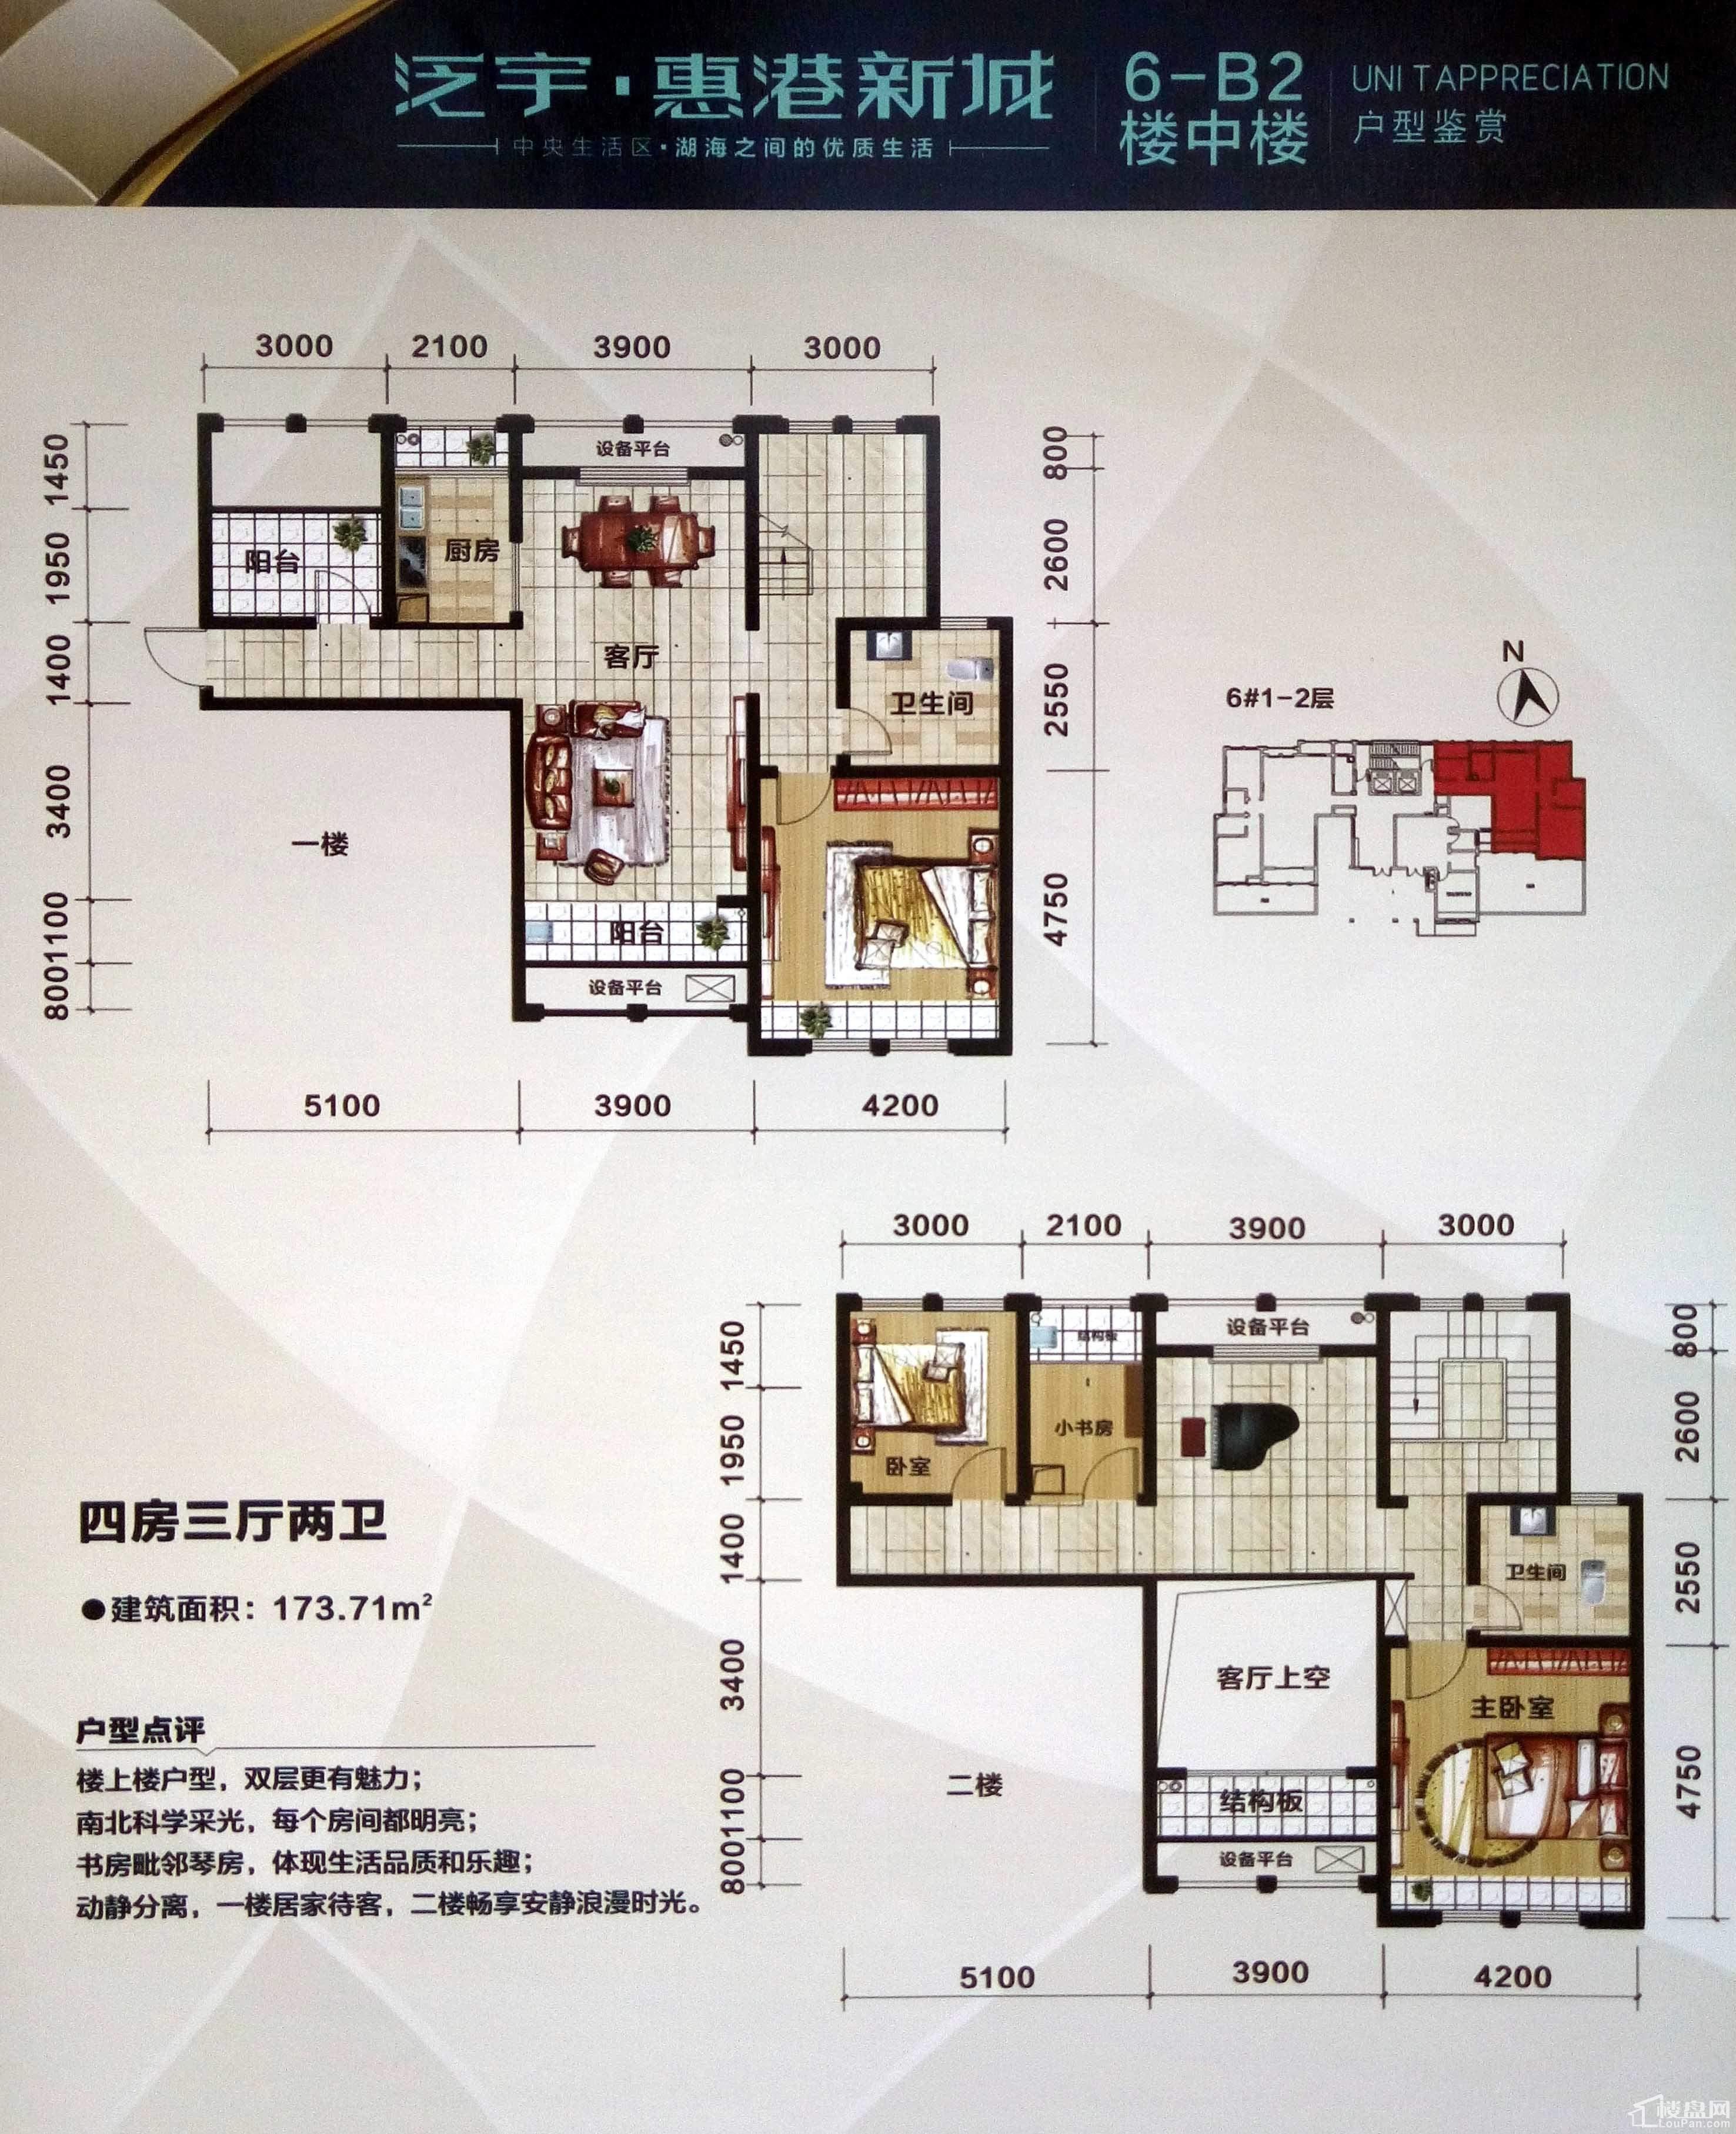 泛宇·惠港新城6-B2户型.楼中楼